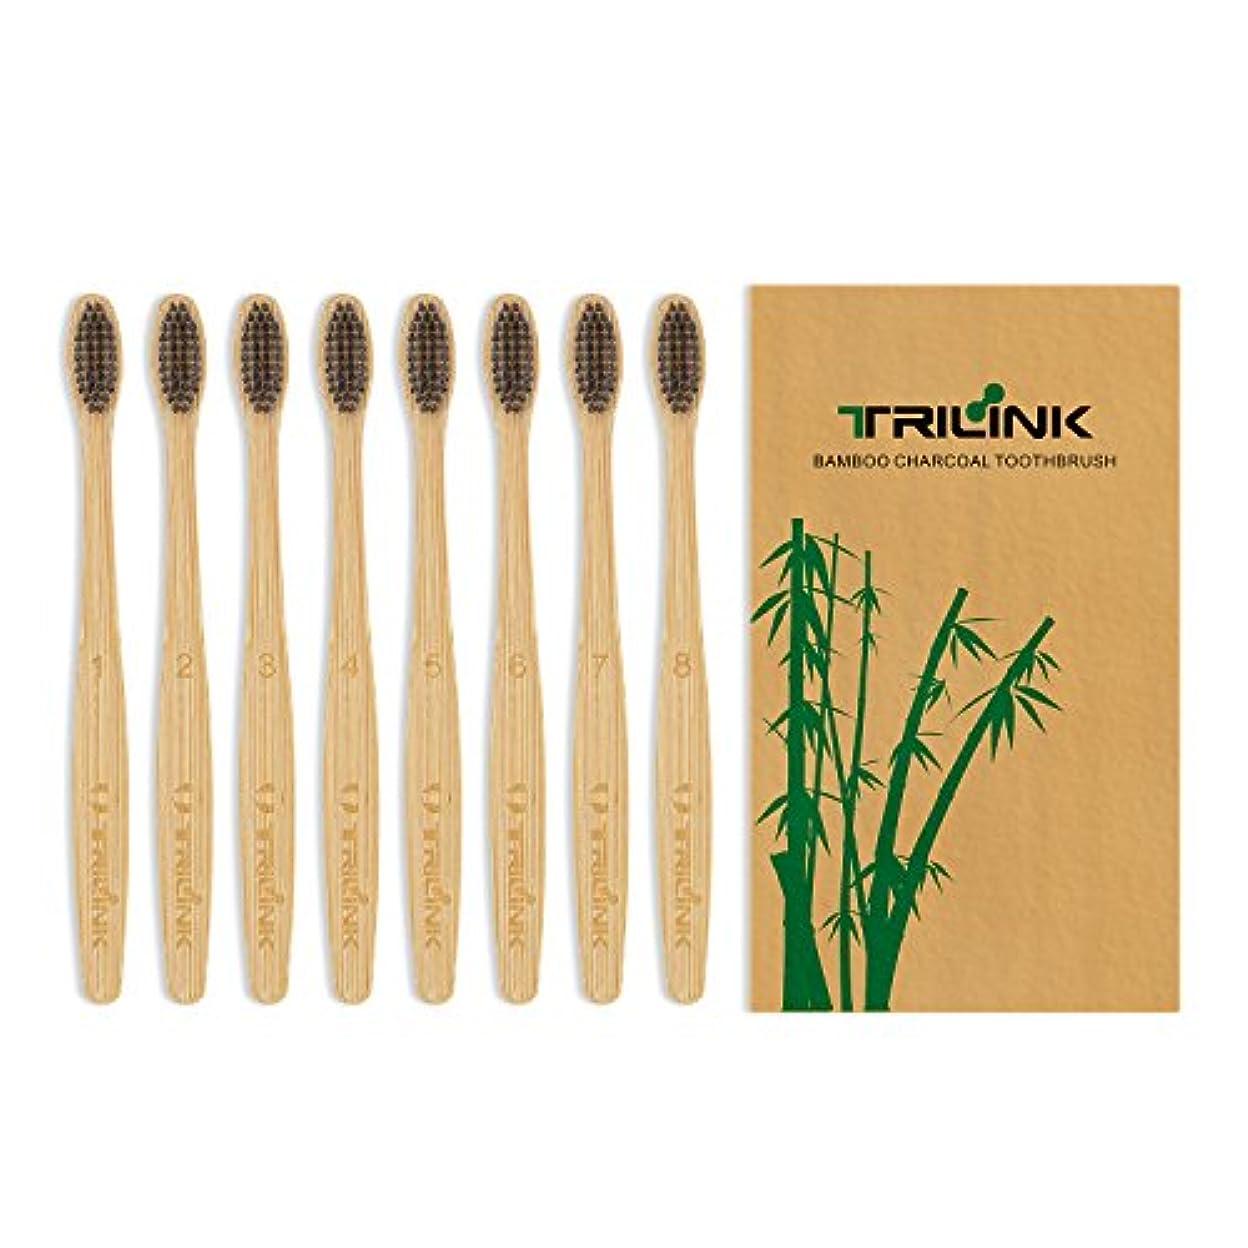 絶滅した検索エンジンマーケティング冷凍庫大人用竹の歯ブラシ(8本) 環境保護 天然の柔らかい ハブラシ【 活性炭を注入】